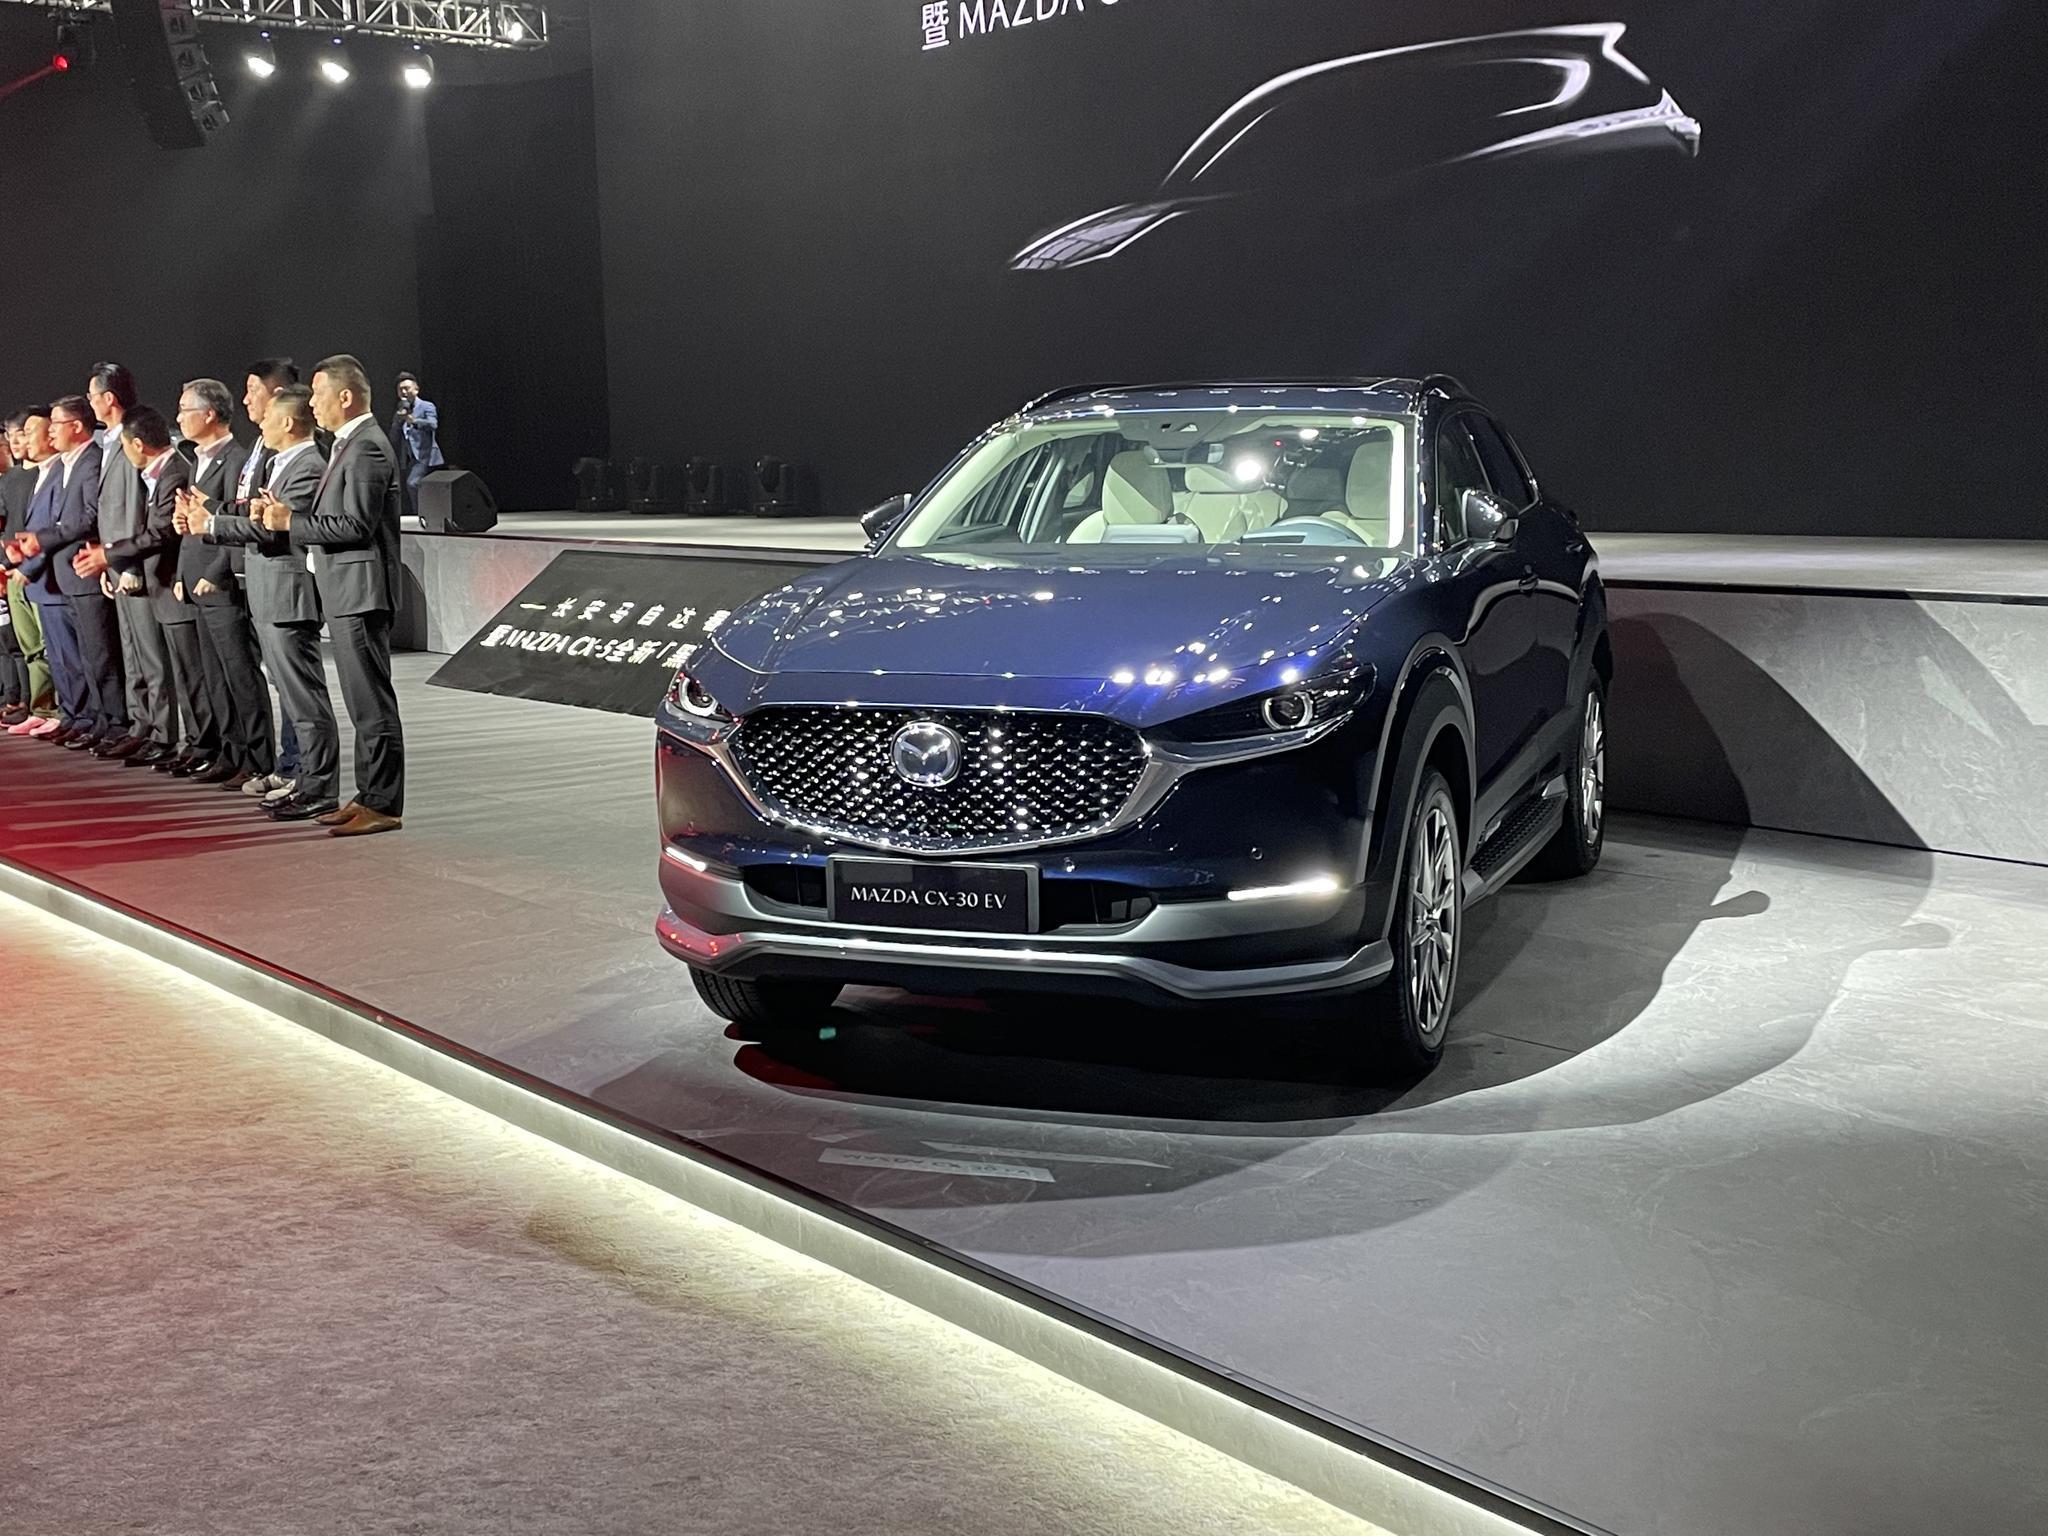 马自达CX-30纯电版首次亮相 将于下半年上市